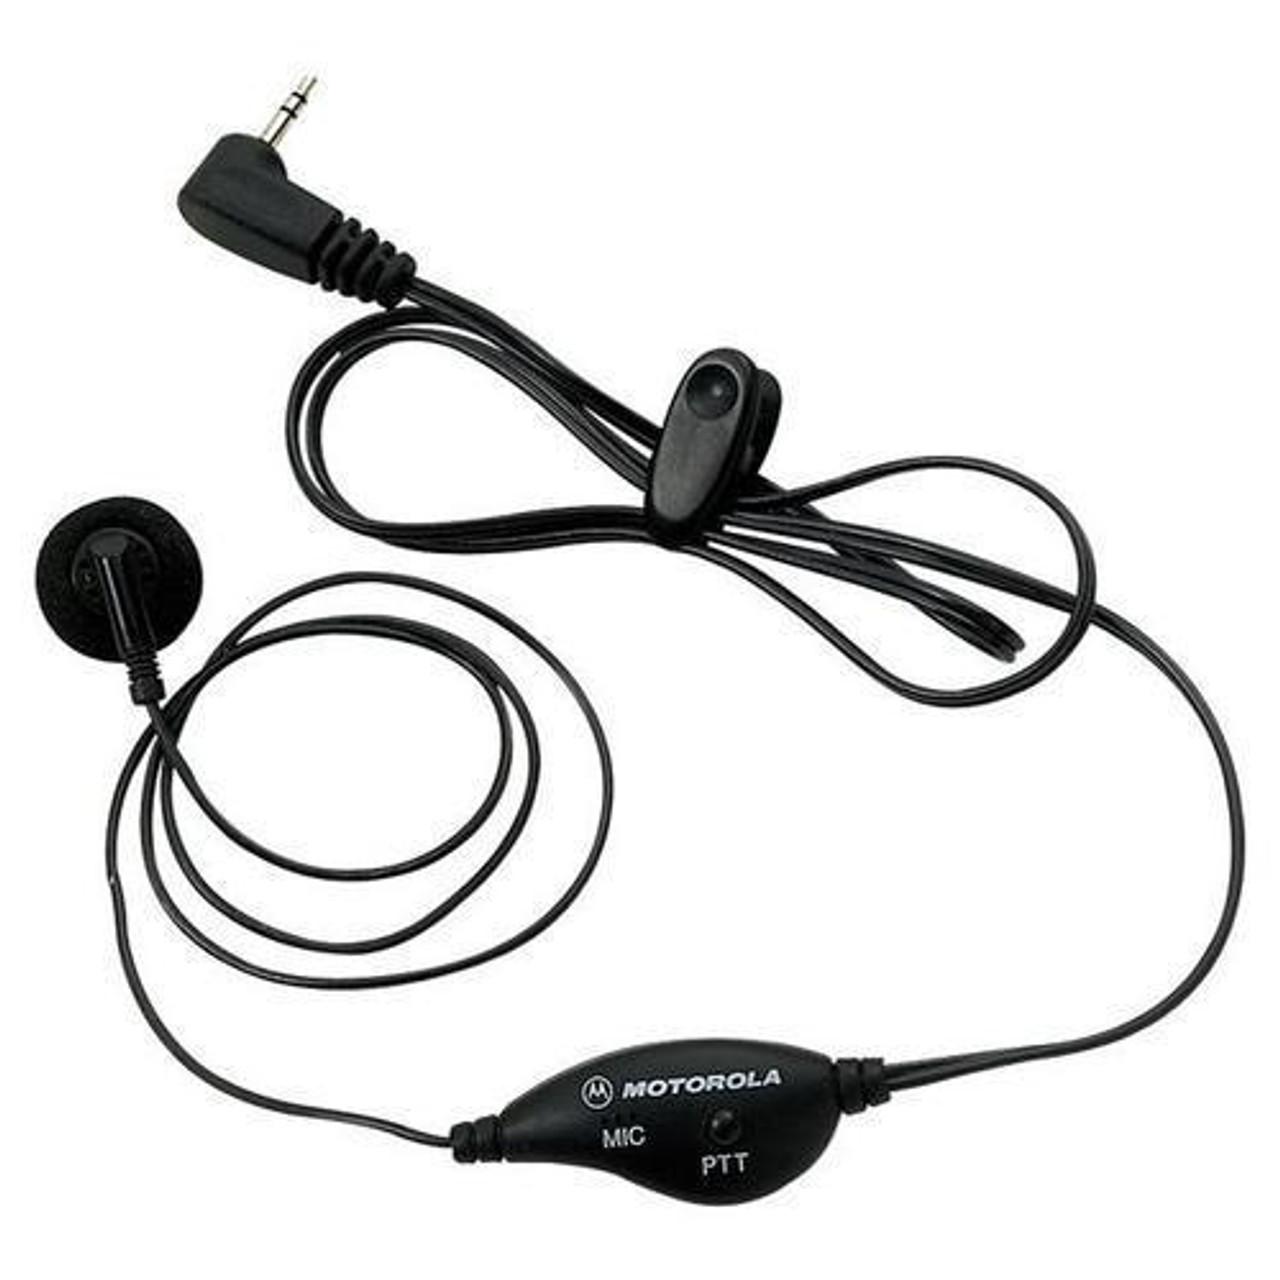 Headset Earpiece PTT Mic for Motorola Talkabout Radio 1 pin T270,T5400,T5600